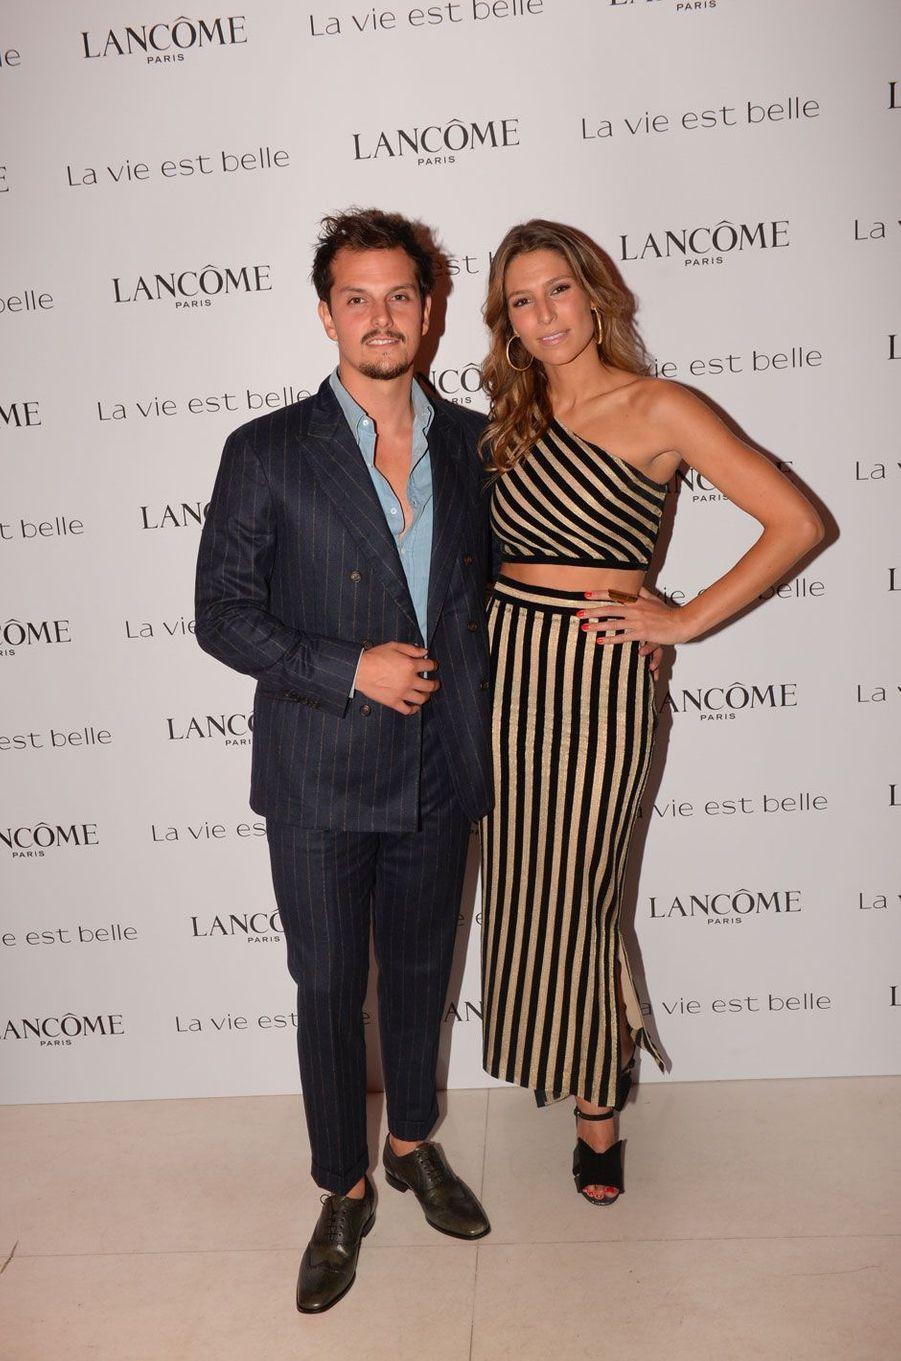 Laury Thilleman et Juan Arbelaez à la soirée Lancôme, à Paris le 12 septembre 2018